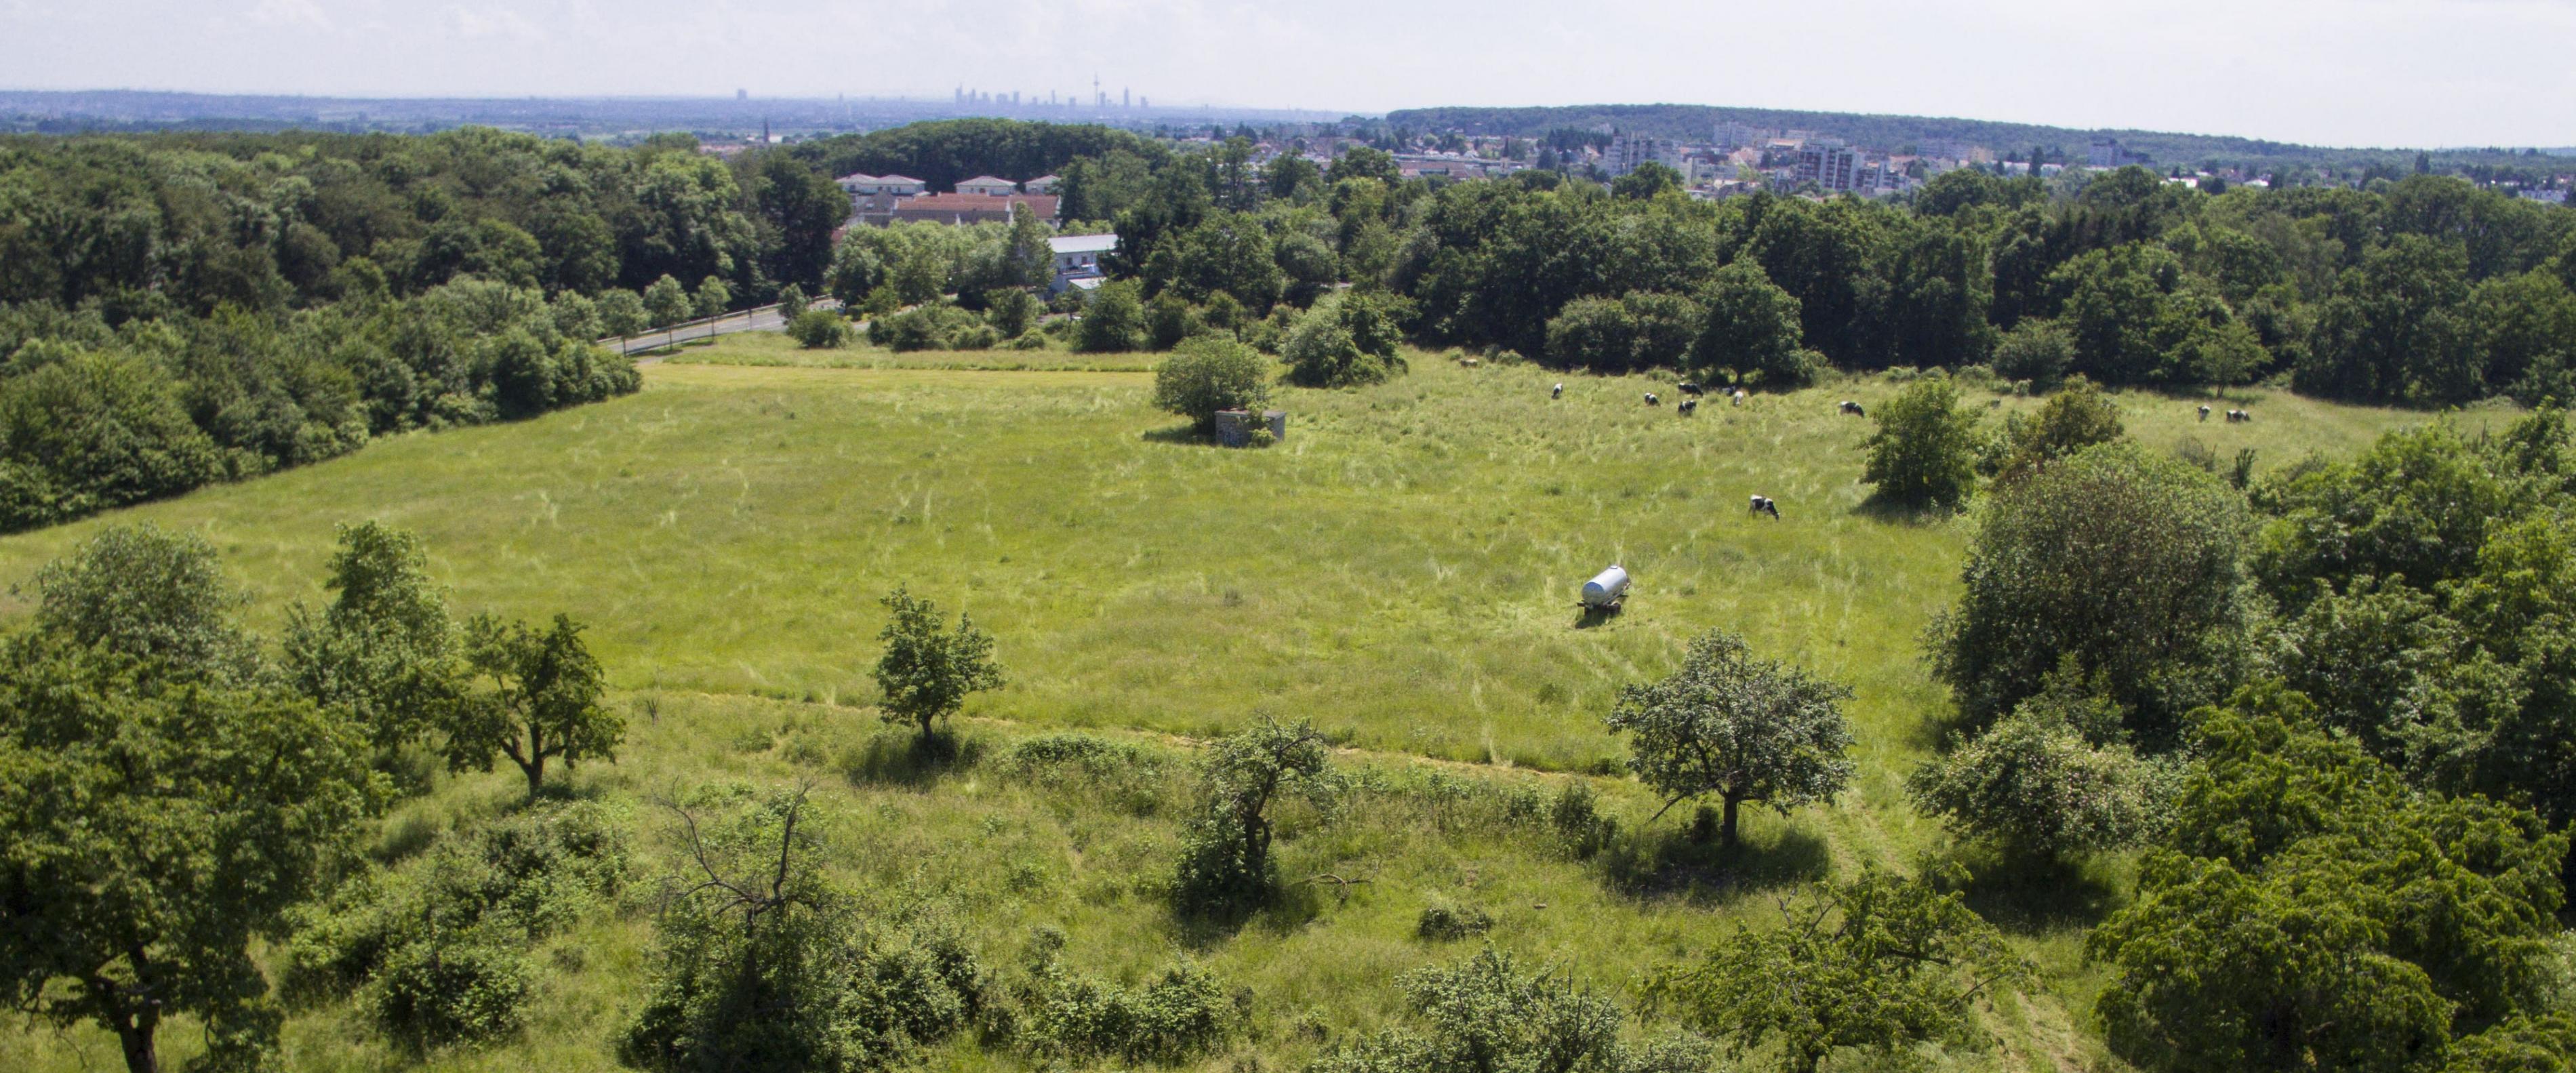 Grundstück Wiese Grün